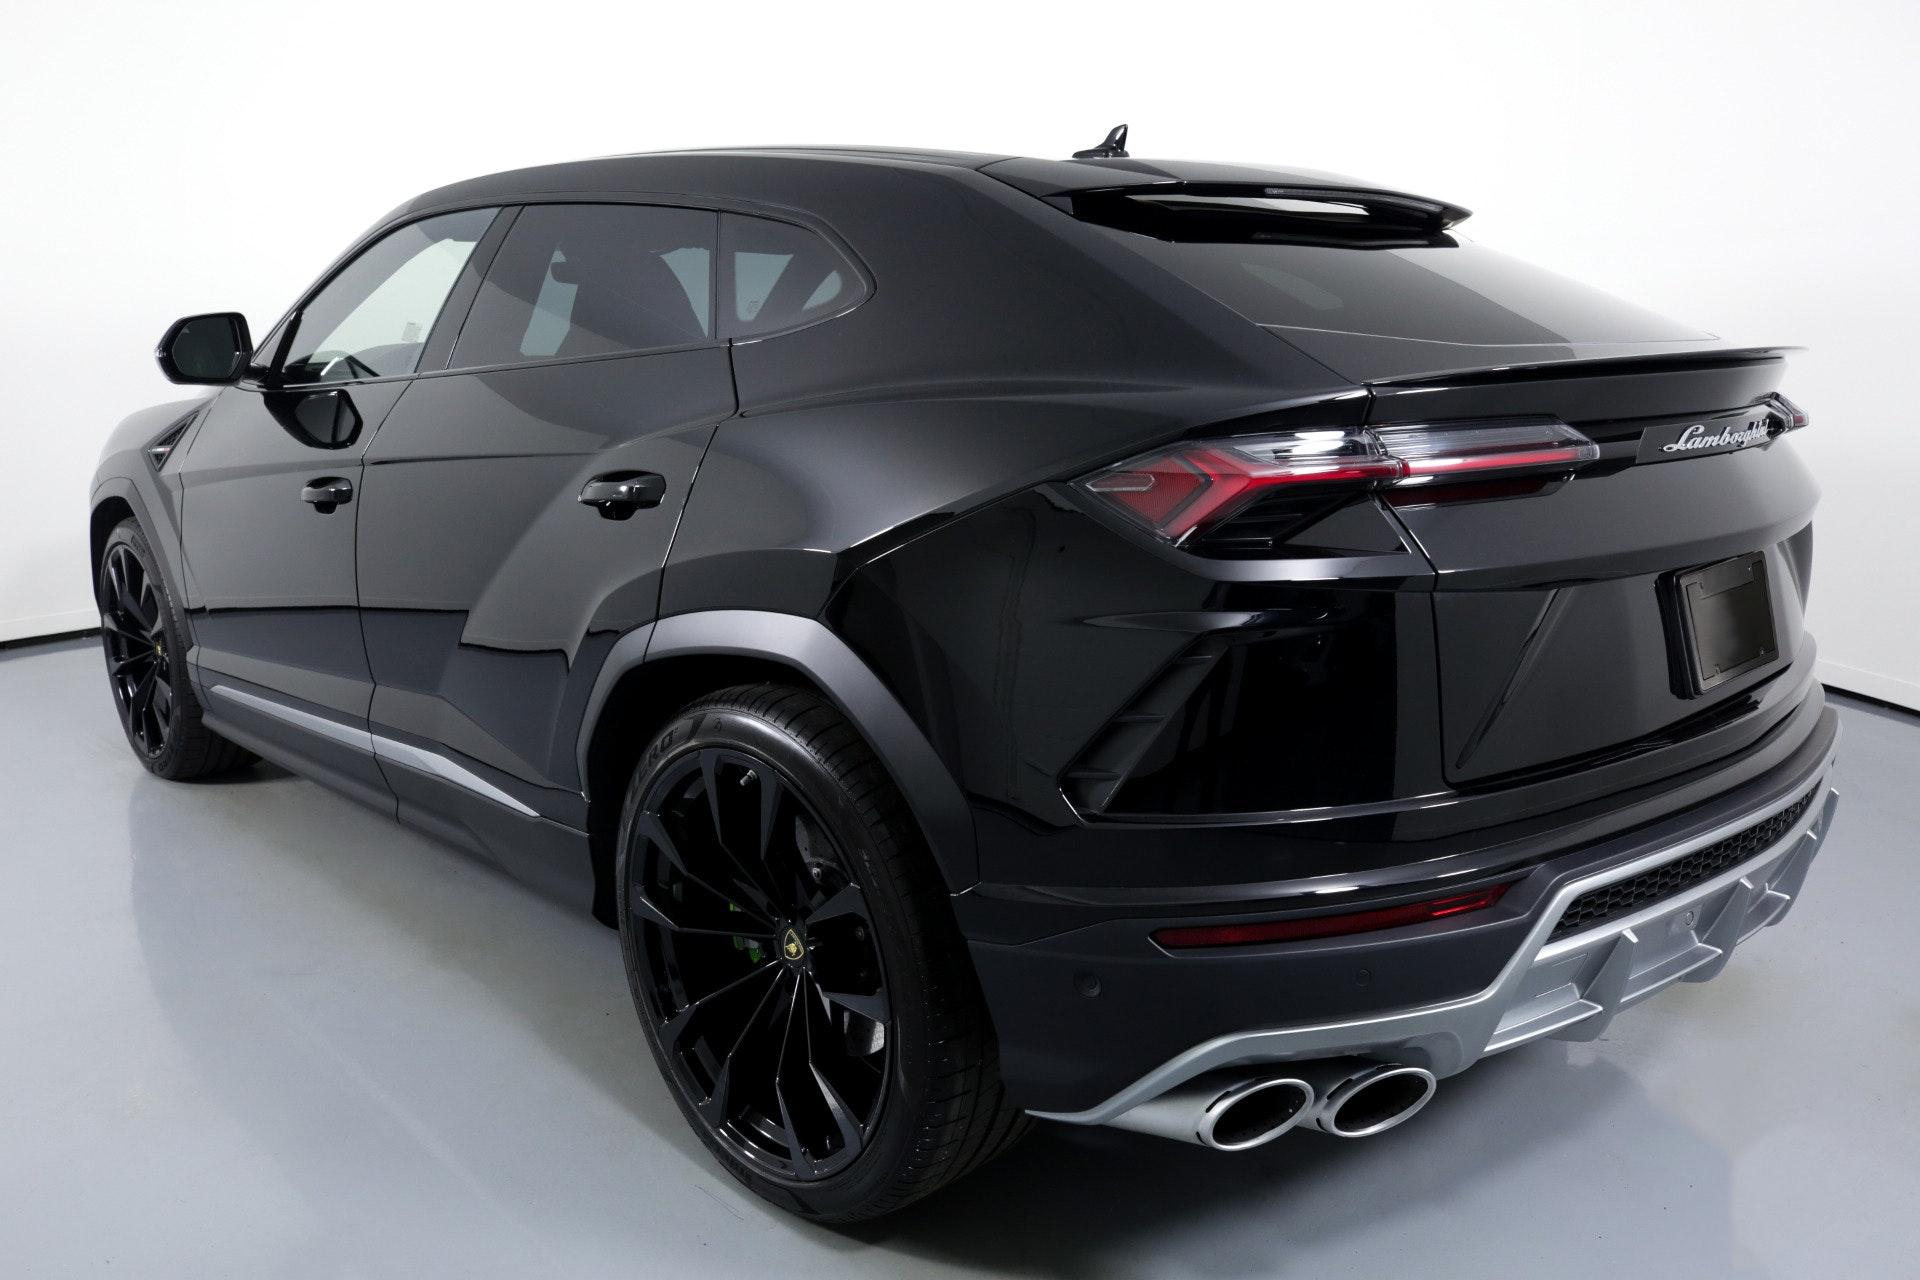 Miami Lamborghini Urus image #2